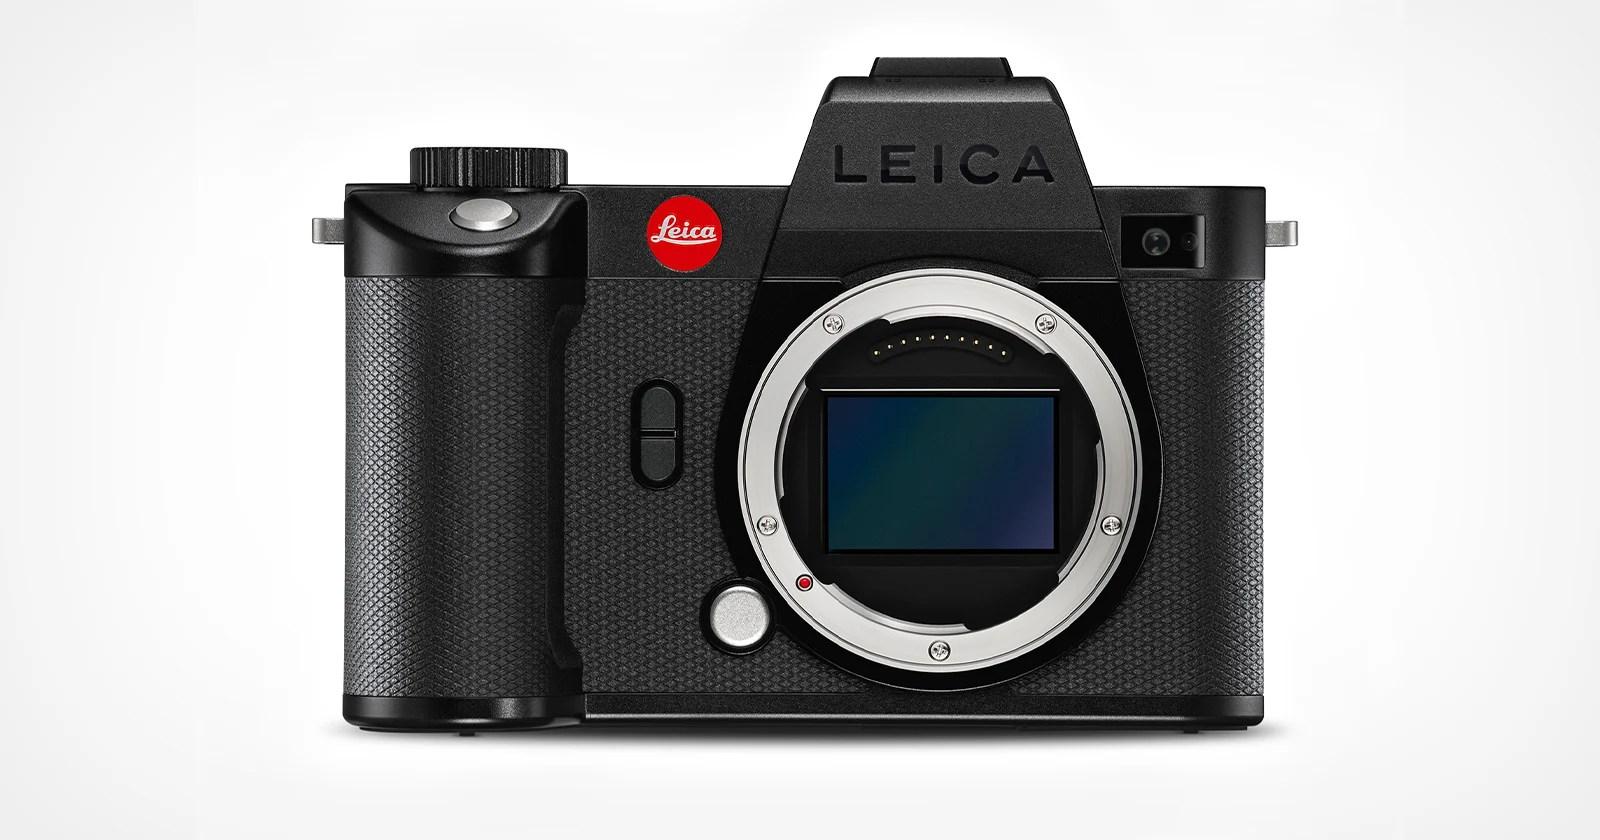 L'aggiornamento Leica SL2-S migliora l'autofocus e aggiunge funzionalità video